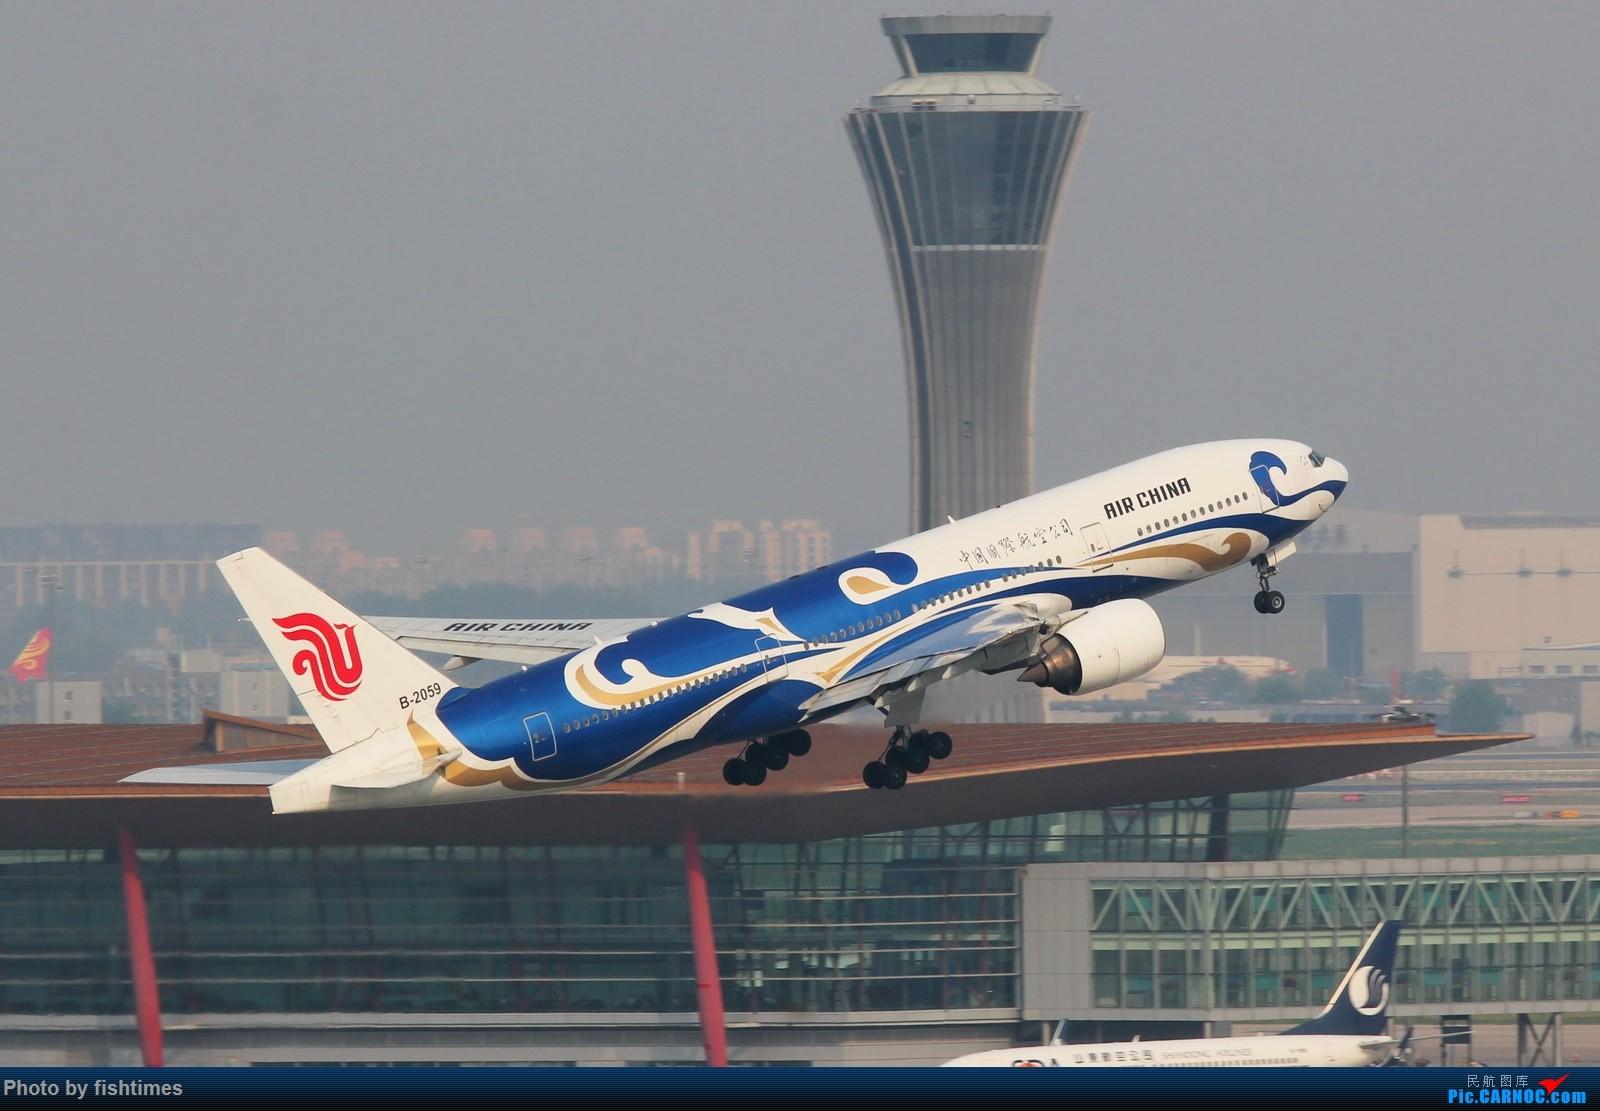 Re:[原创]【PEK】【***庆祝五一国际劳动节***】20150502_RWY01一组 BOEING 777-200 B-2059 中国北京首都国际机场